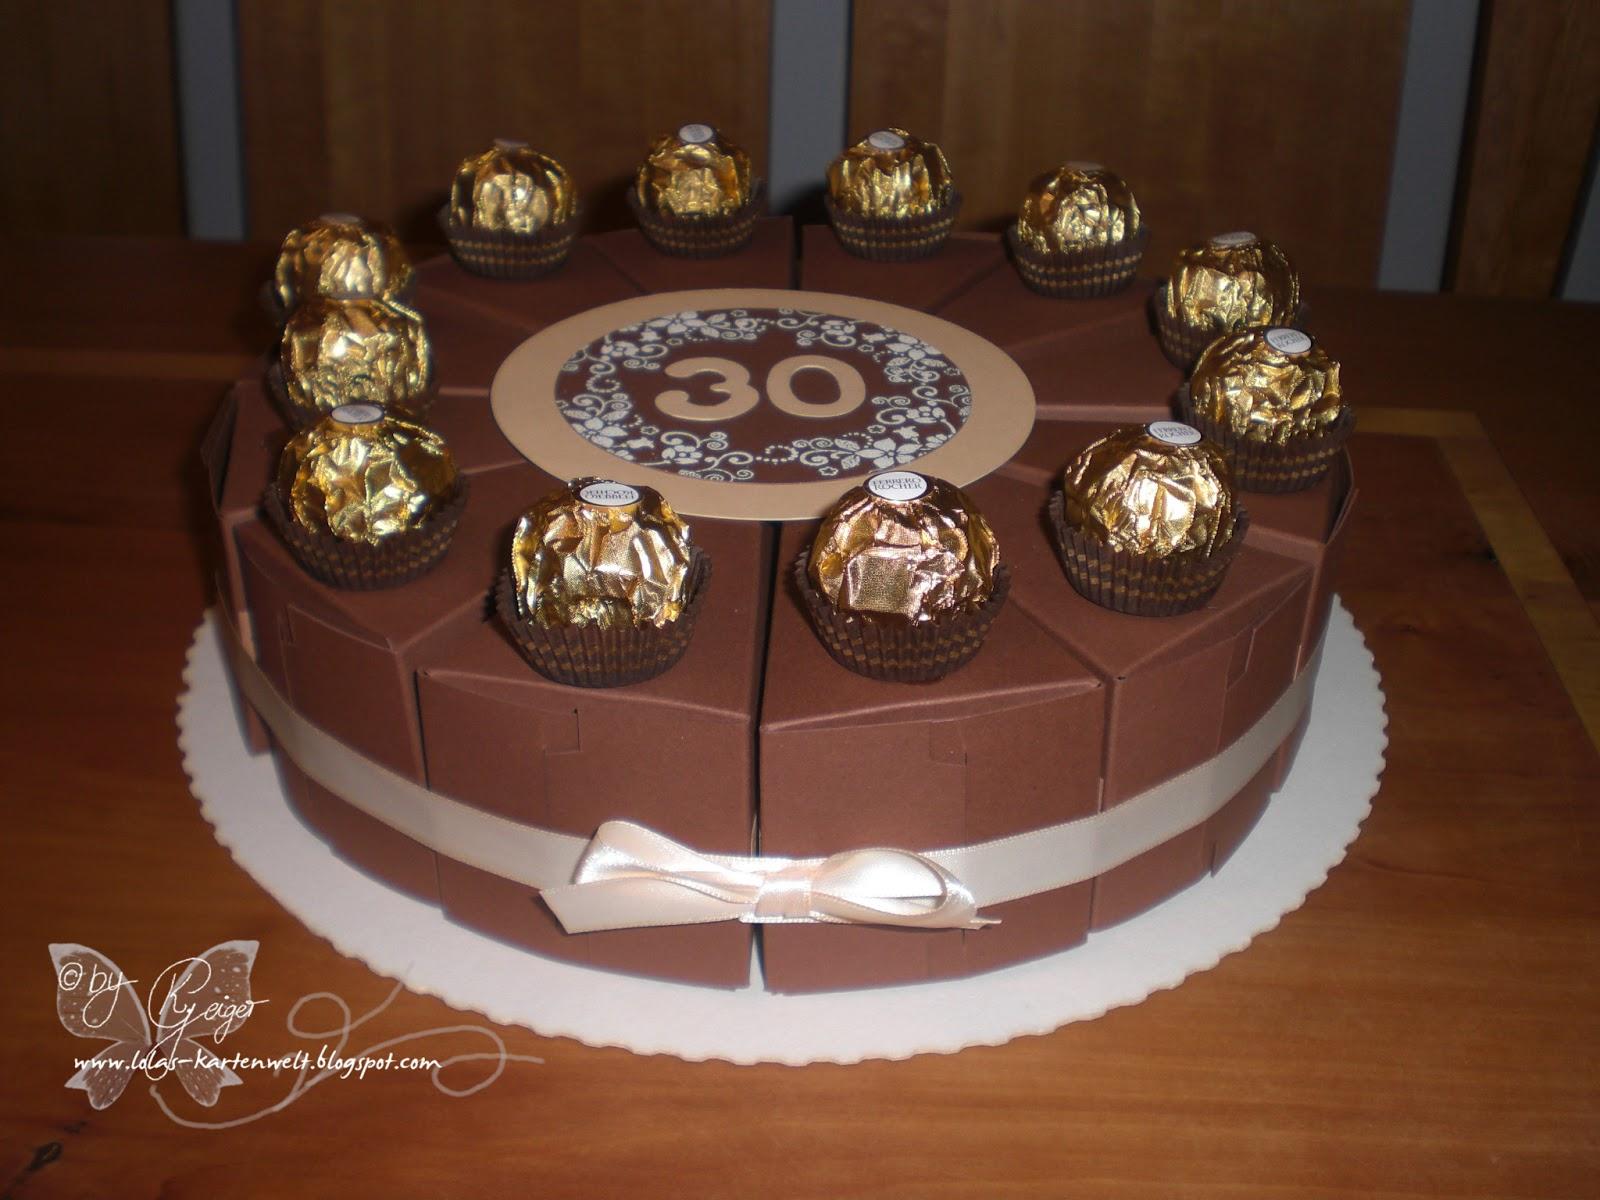 Geschenk Zum 30 Geburtstag Mann Selber Machen Hylen Maddawards Com